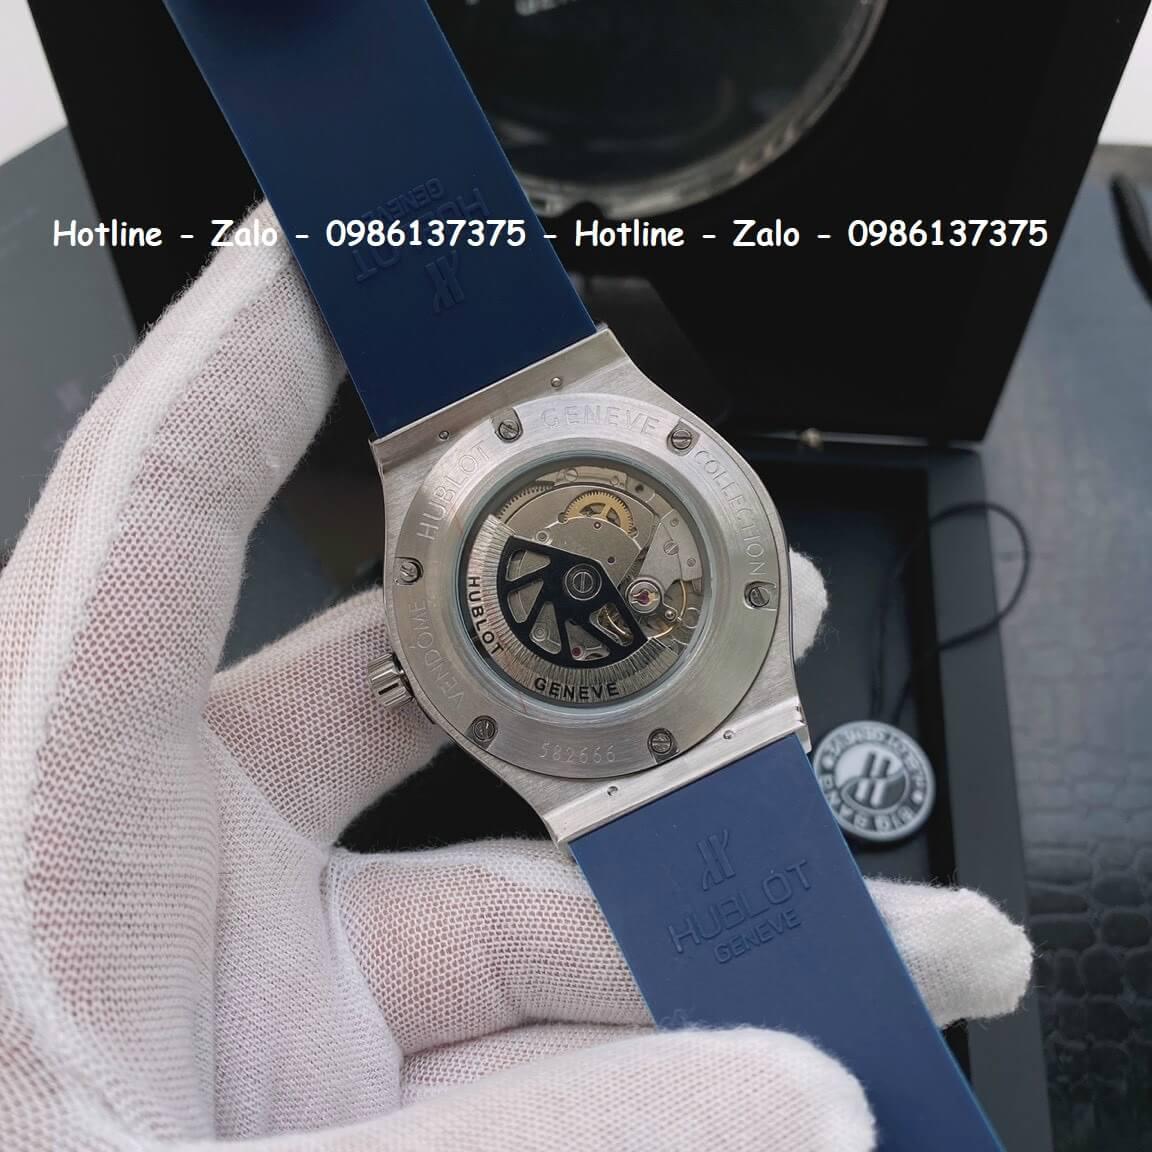 Đồng Hồ Cặp Hublot Siêu Cấp Dây Silicon Xanh 42mm - 34mm